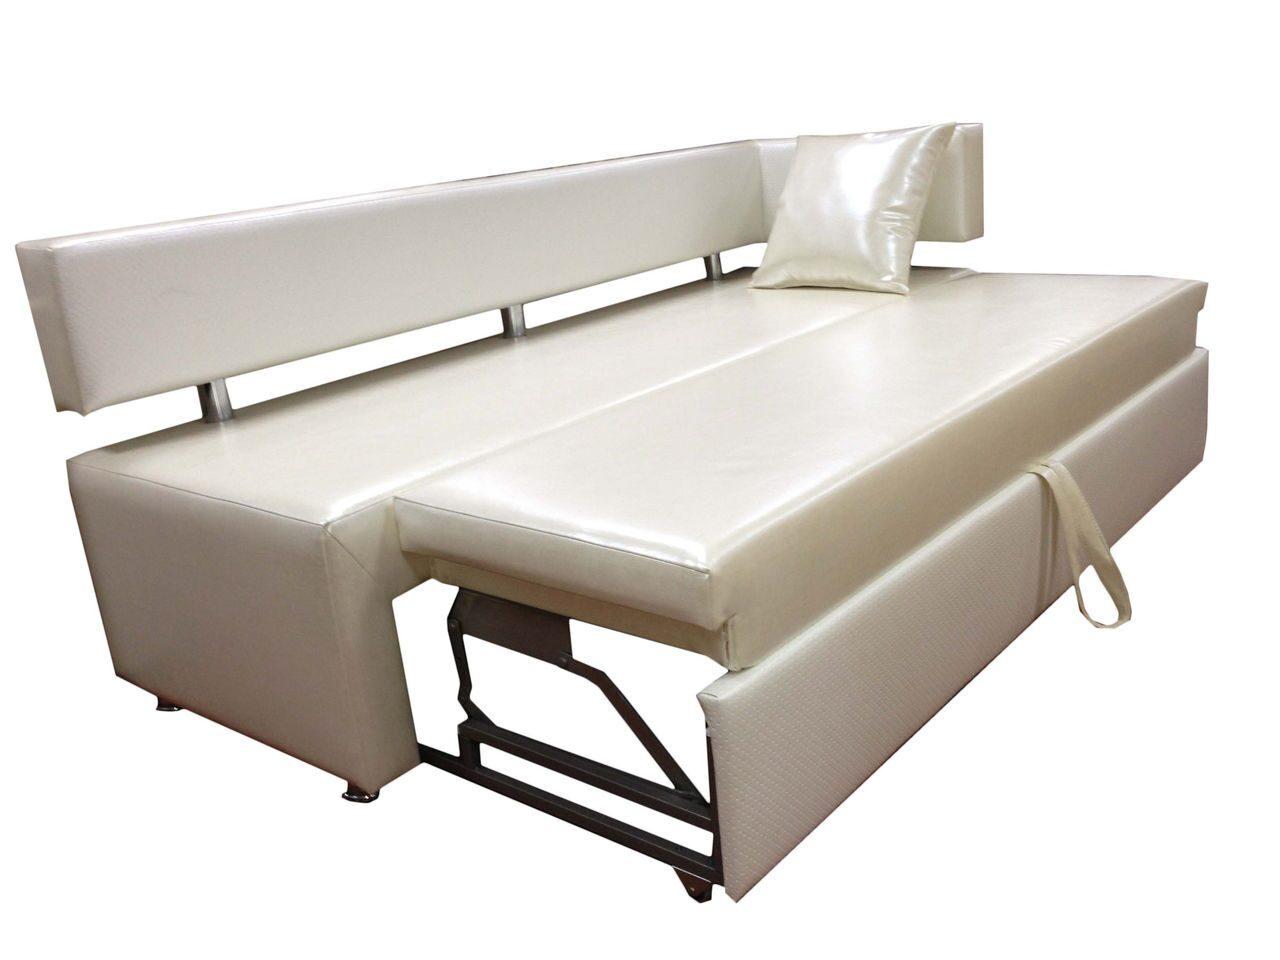 письменный стол с ящиками и полками недорого в калуге